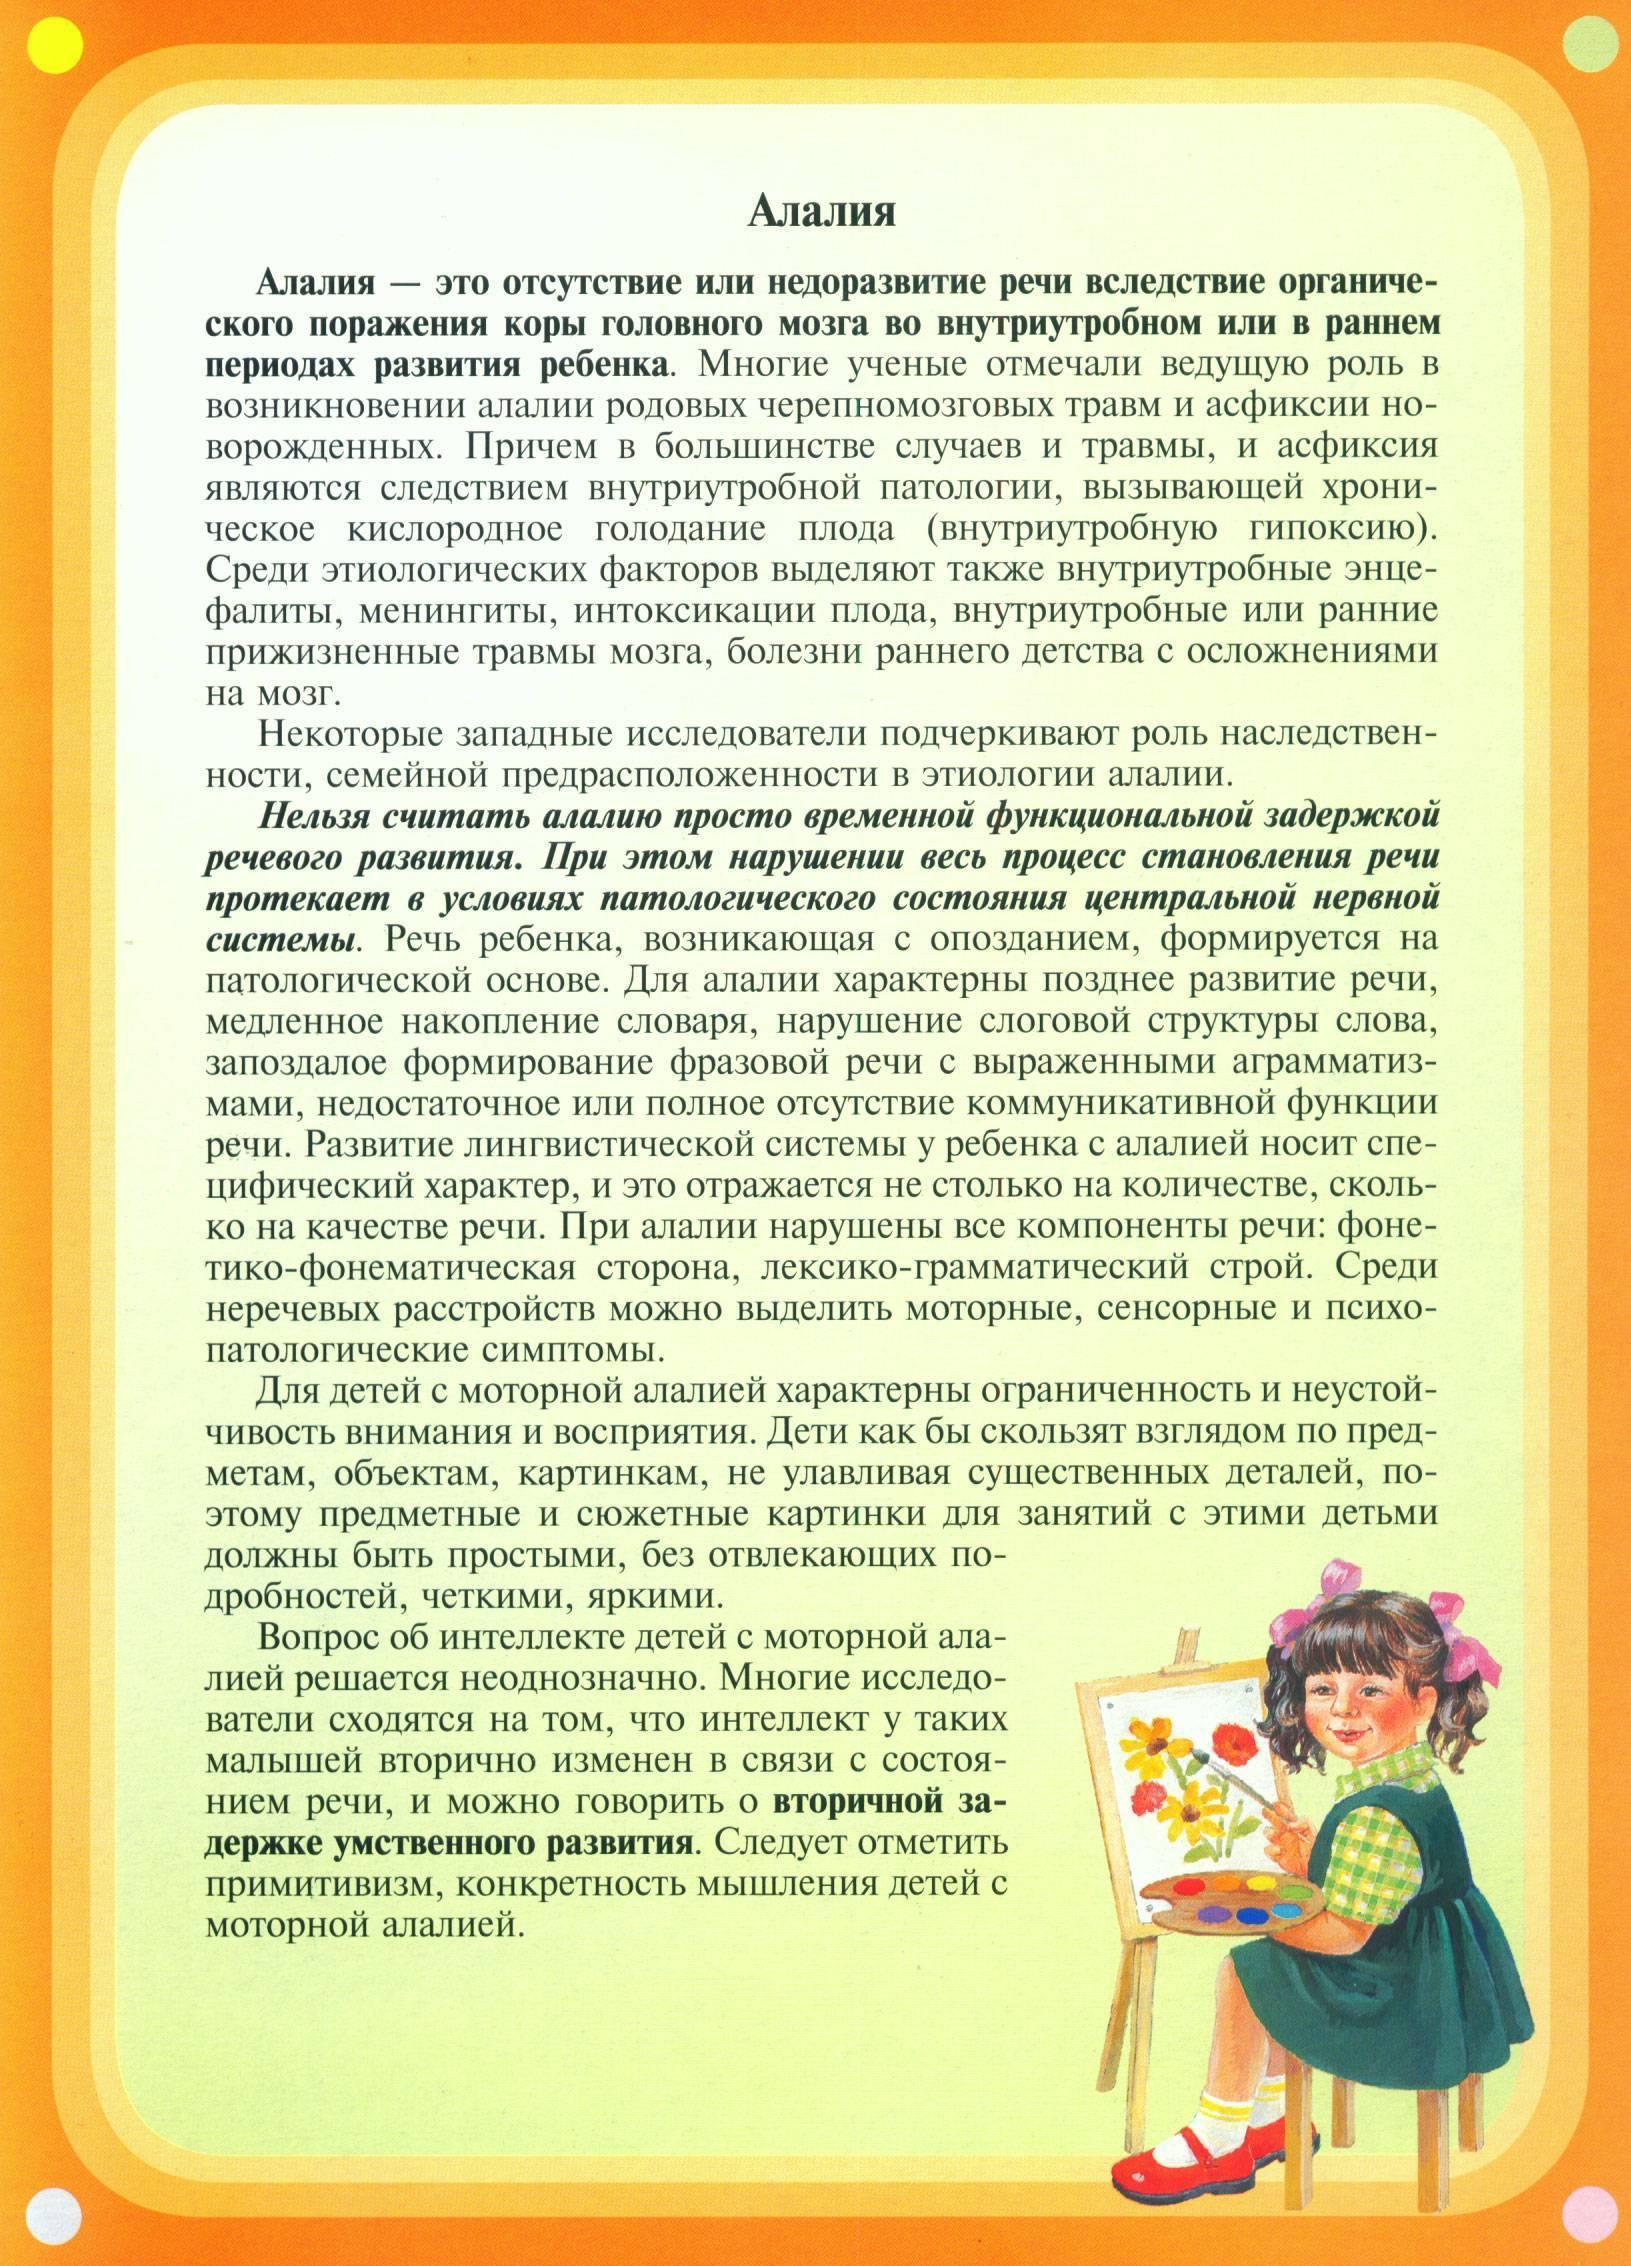 Задержка речевого развития у детей 3 лет (зрр): причины, симптомы, диагностика, лечение